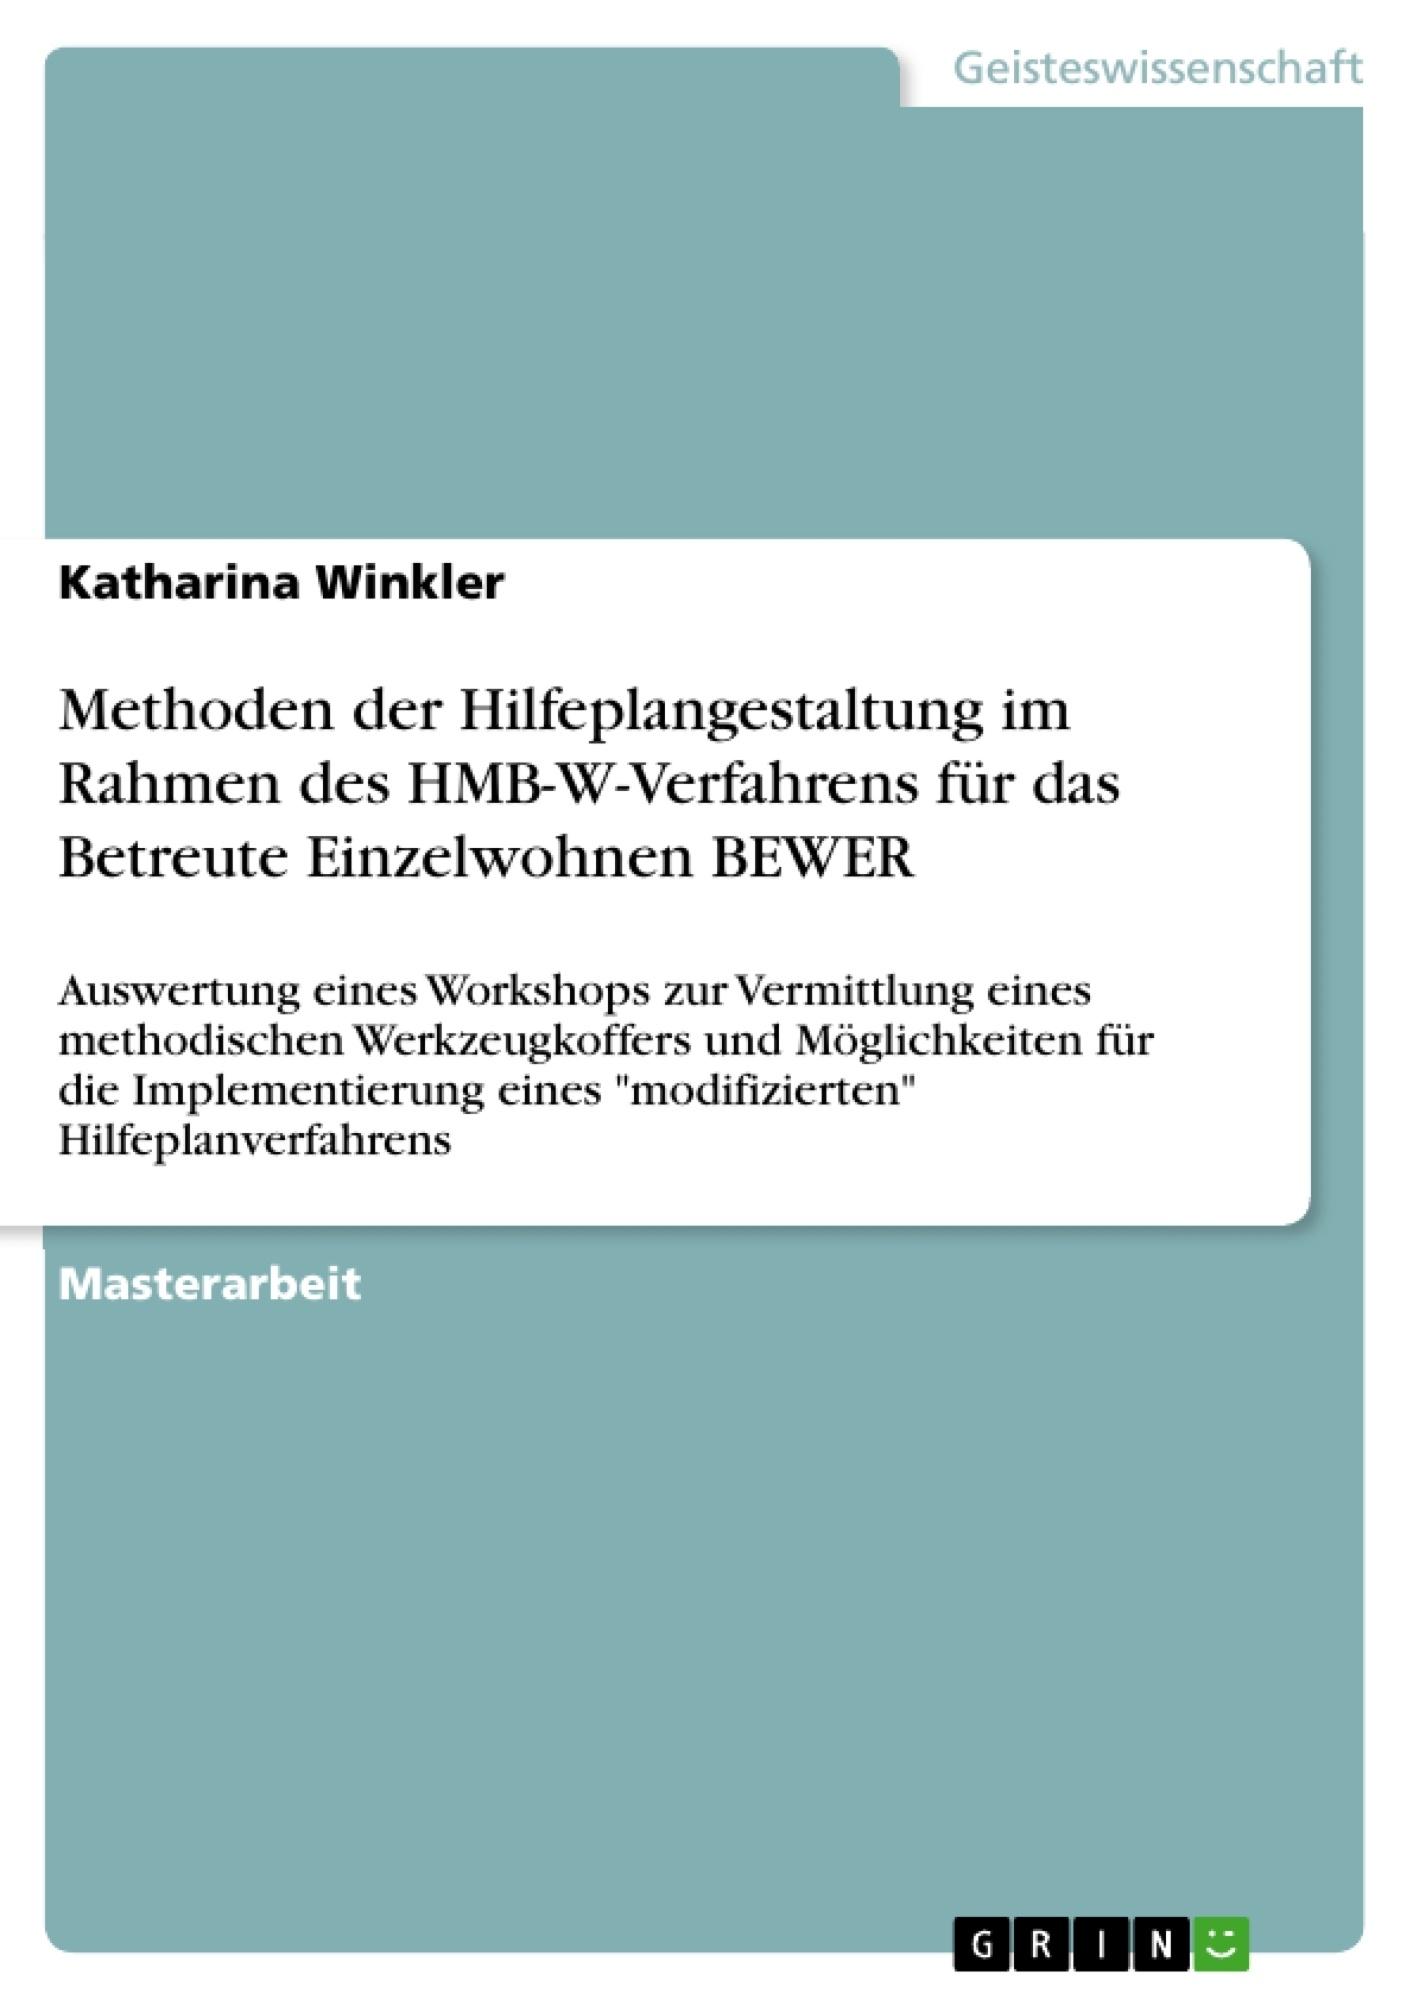 Titel: Methoden der Hilfeplangestaltung im Rahmen des HMB-W-Verfahrens für das Betreute Einzelwohnen BEWER